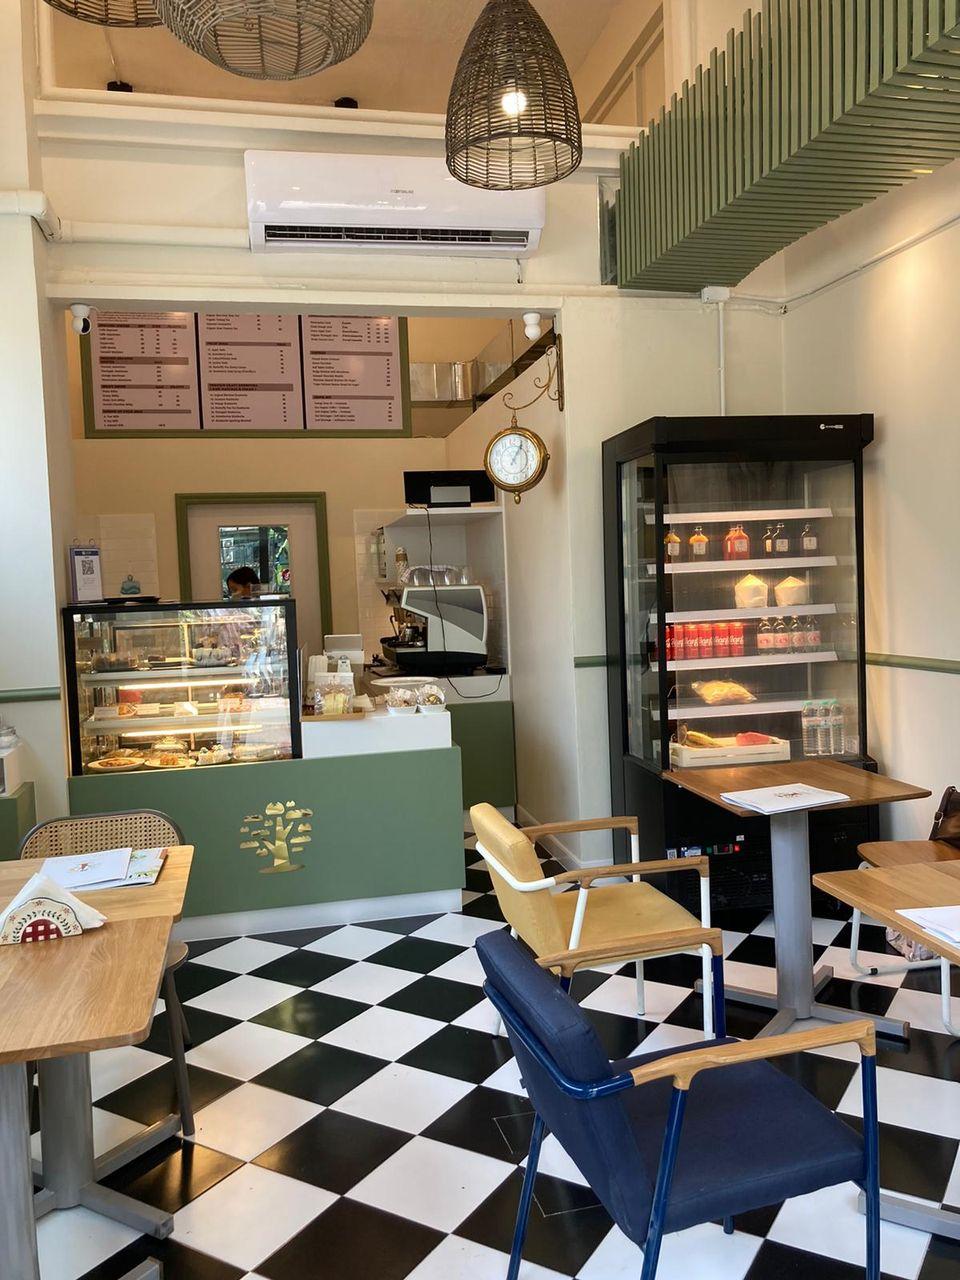 ประกาศเซ้ง‼️ ร้านคาเฟ่+อาหารเพื่อสุภาพ สาธรซอย1 ย่านใจกลางเมือง @ชั้น 1 โรงแรม S1 Hostel